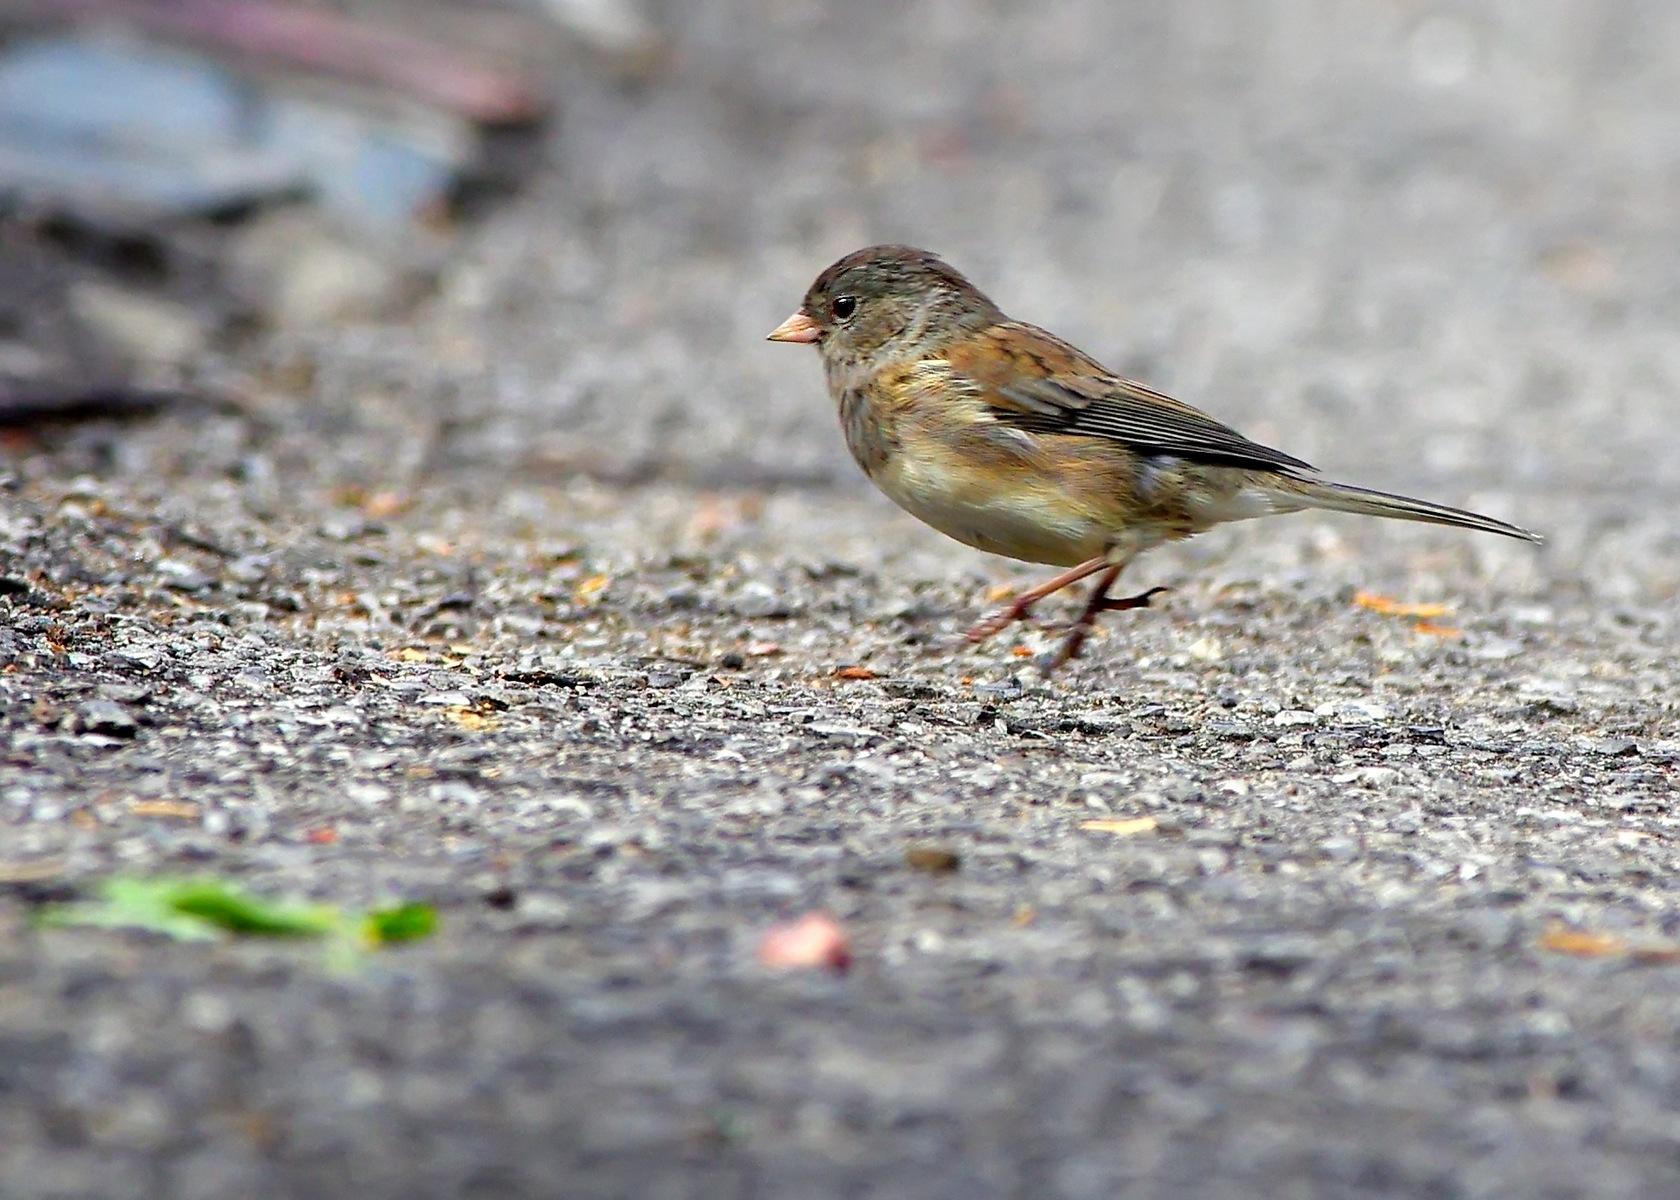 Petit oiseau by Fernand Larochelle